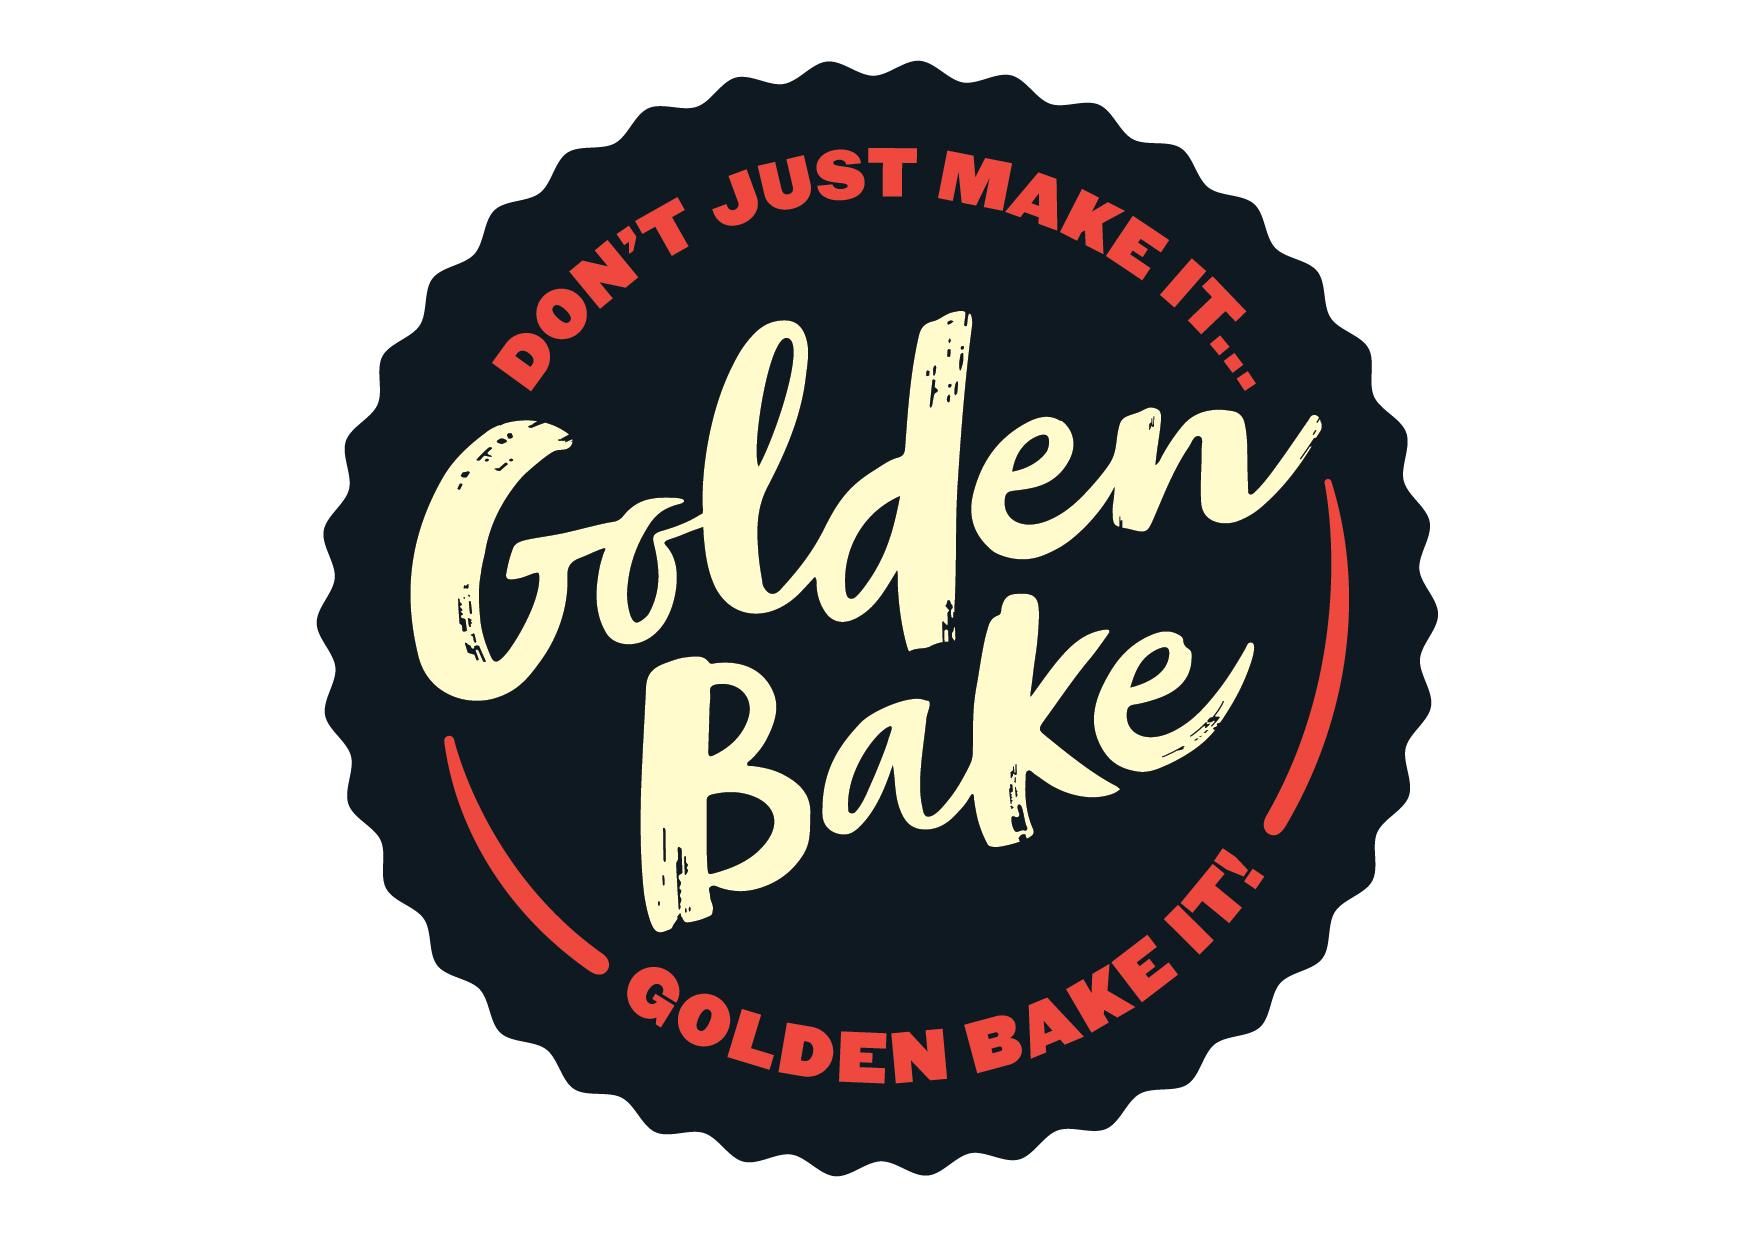 Golden Bake Ltd logotype